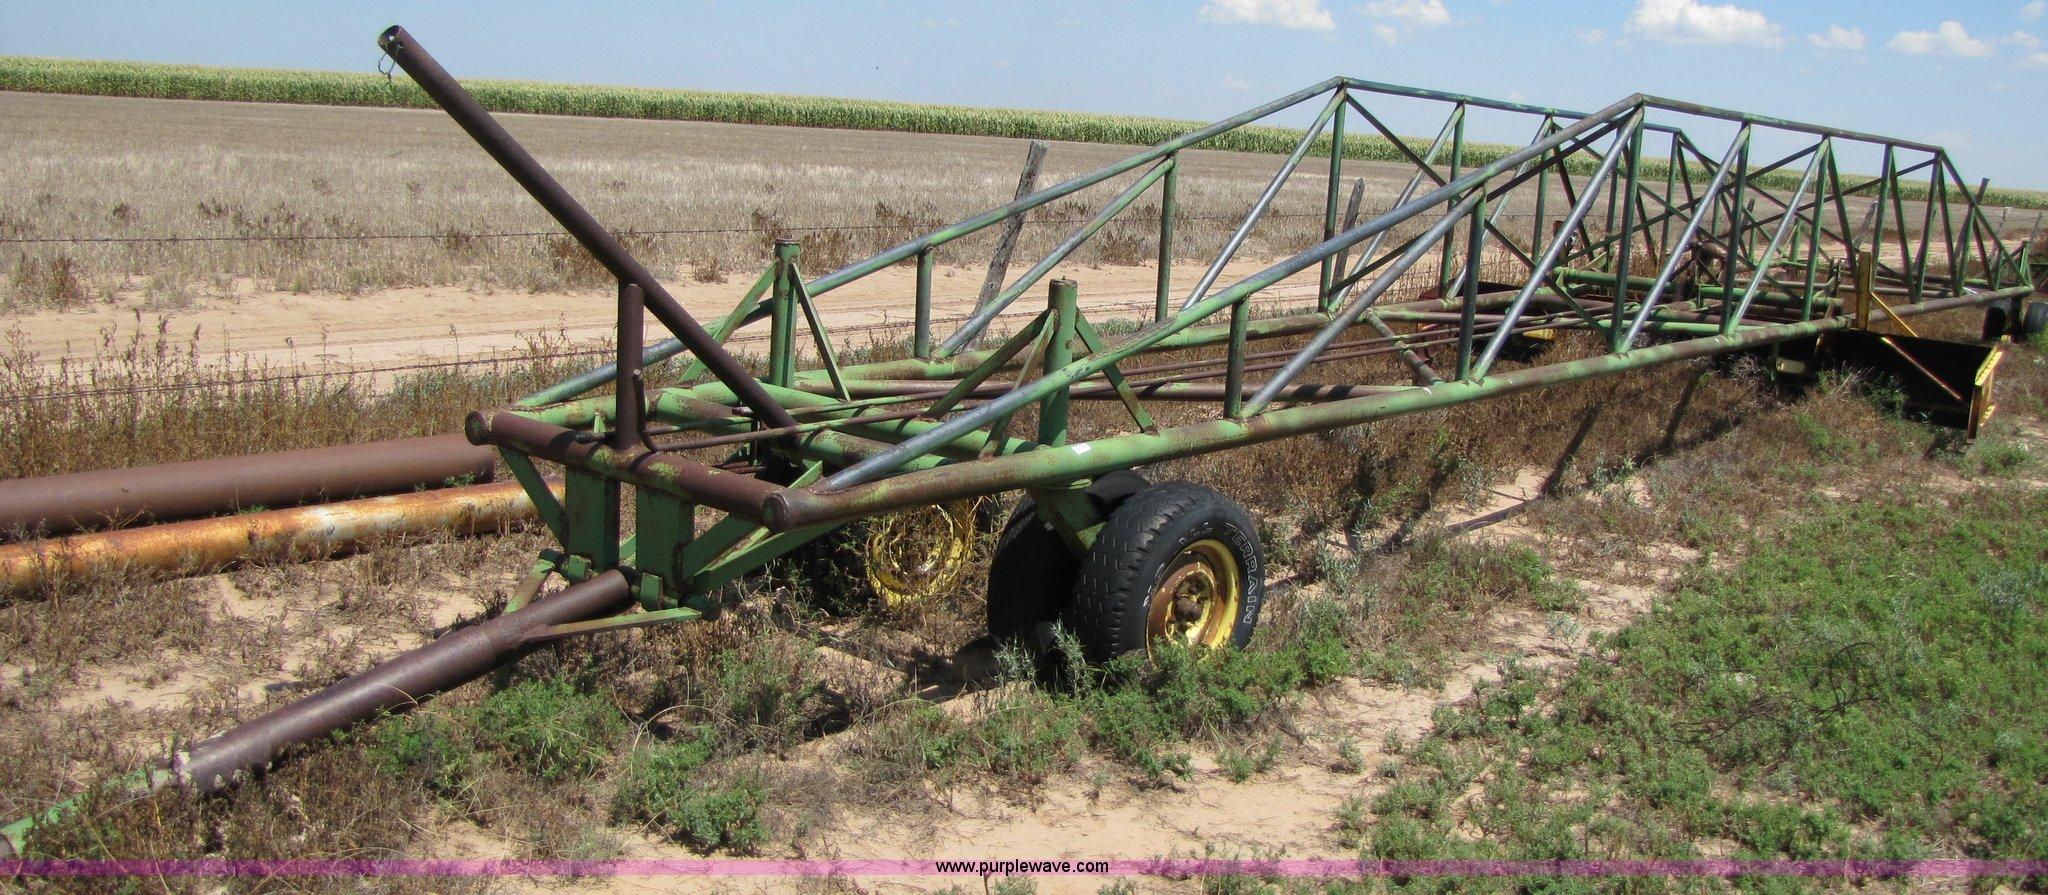 Shop built land plane | Item 3427 | SOLD! September 8 Wester